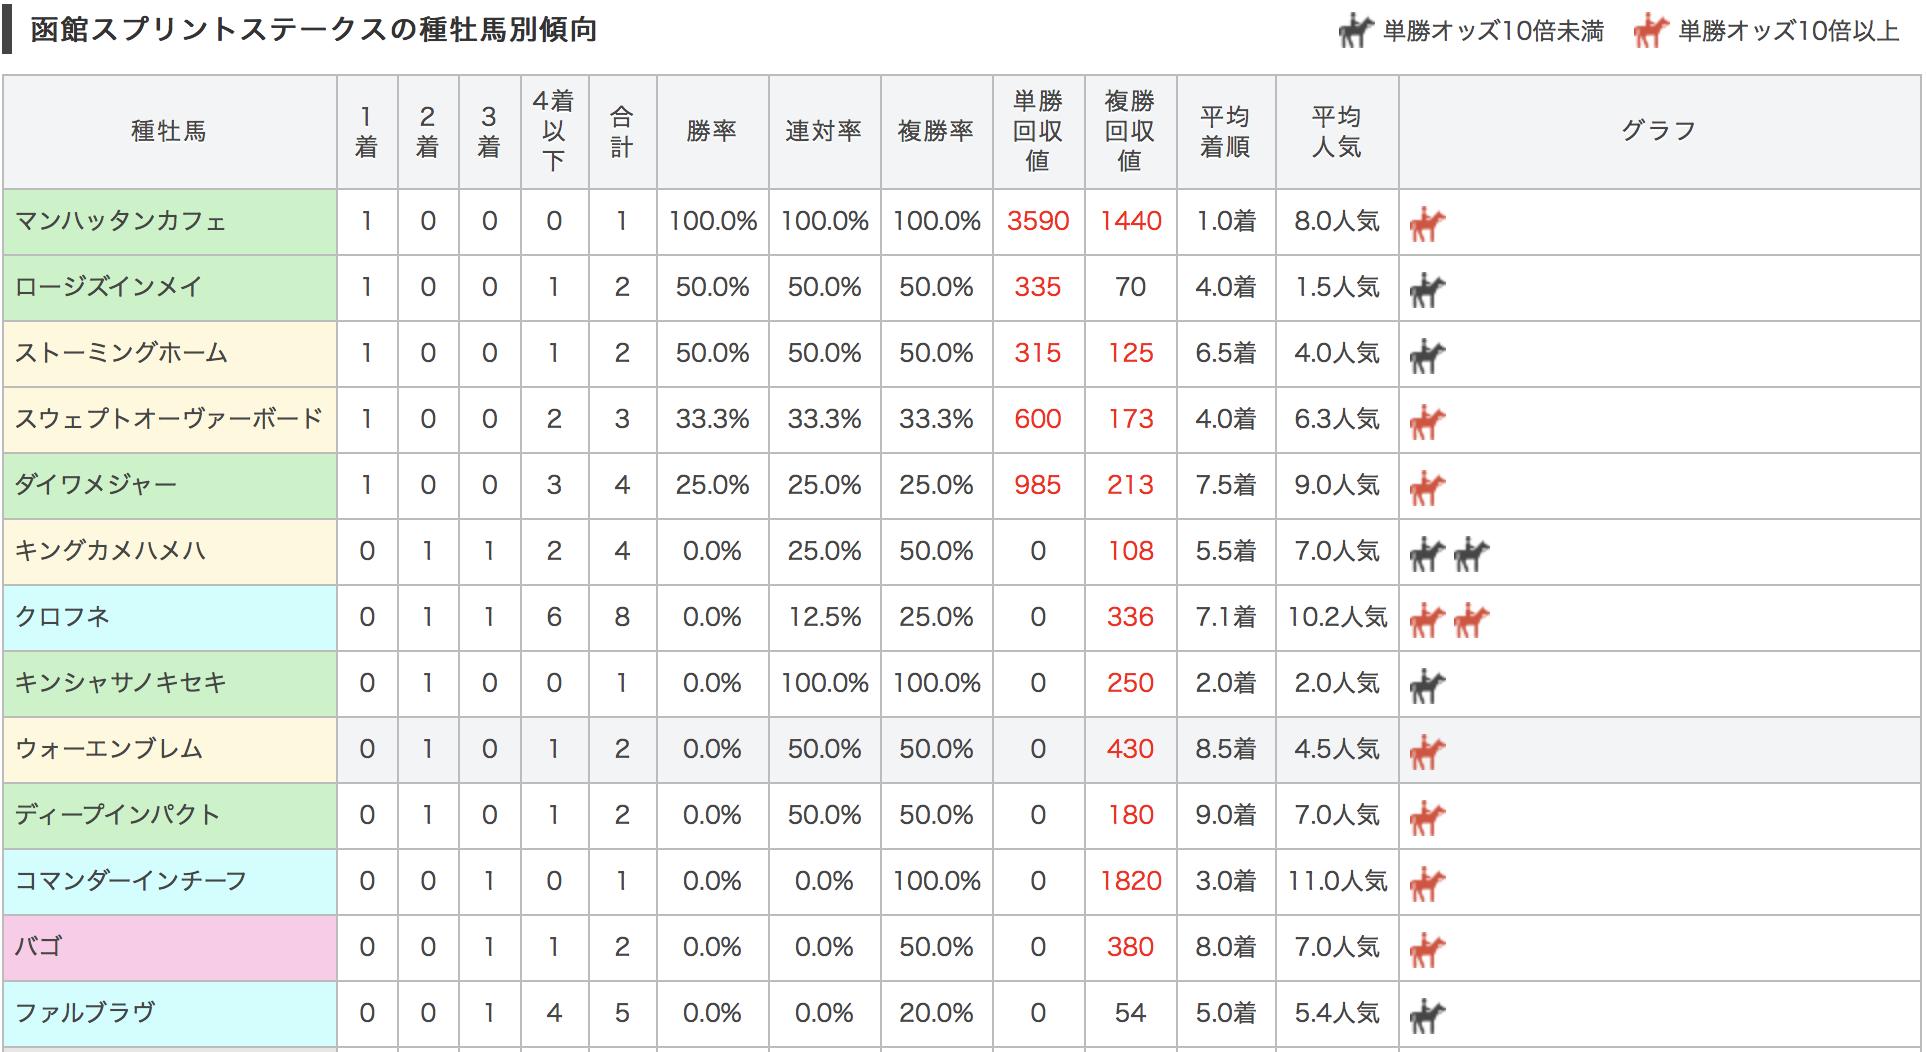 函館スプリトステークス2017種牡馬別データ